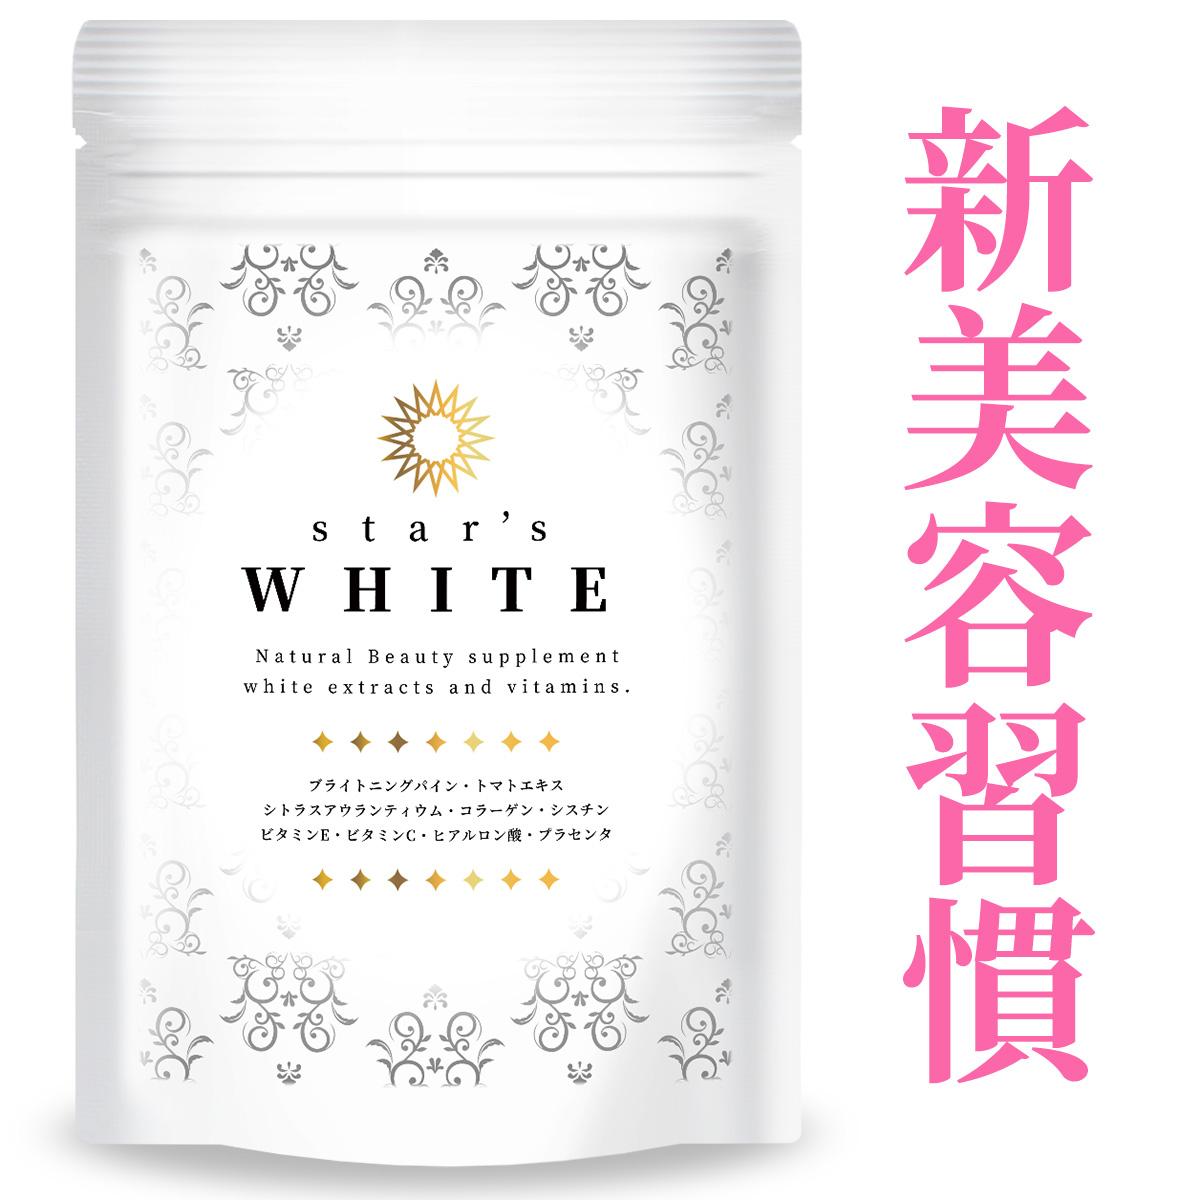 飲む サプリ 送料無料 日本製 ビタミンC サプリメント 送料無料でお届けします コラーゲン ヒアルロン酸 プラセンタ 美容成分 配合 時代は塗る スターズ ホワイト ビタミン リコピン 30日 パイン シスチン BEAUTY ビタミンD 美容 ビタミンE 60粒 ケア 品質保証 パイナップル トマト